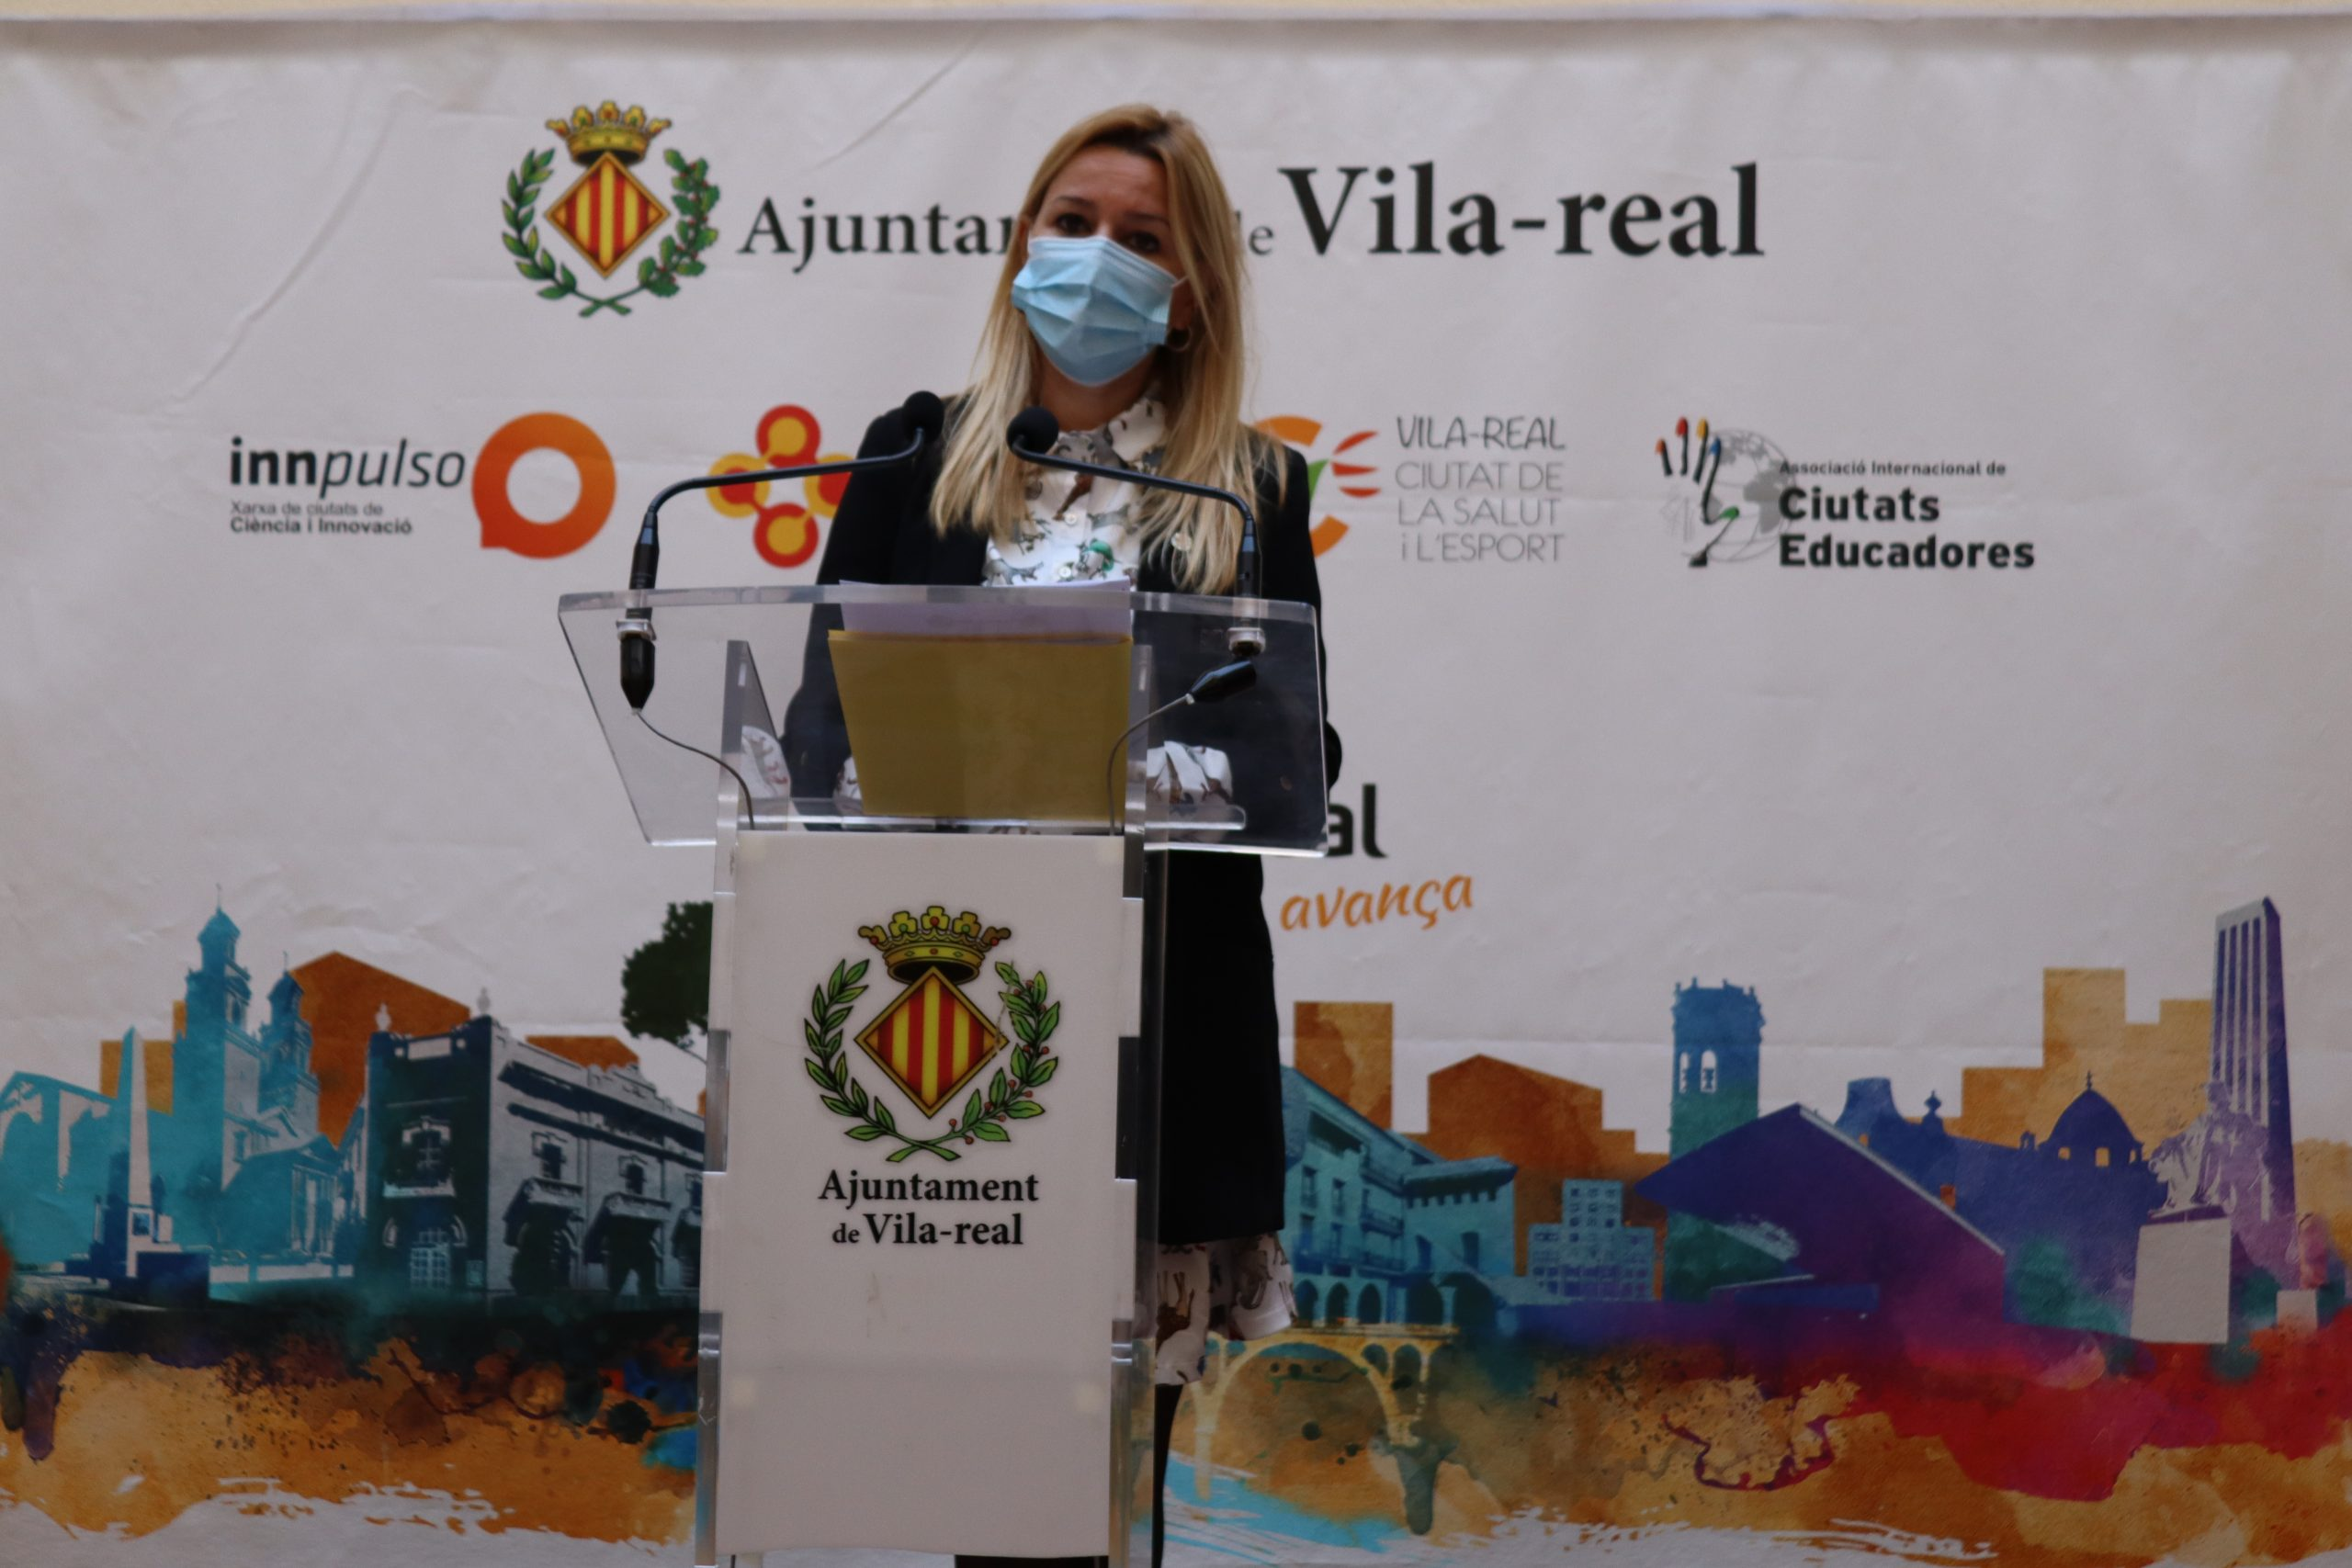 Entrevista a la concejala de Seguridad Ciudadana y Salud de Vila-real, Silvia Gómez